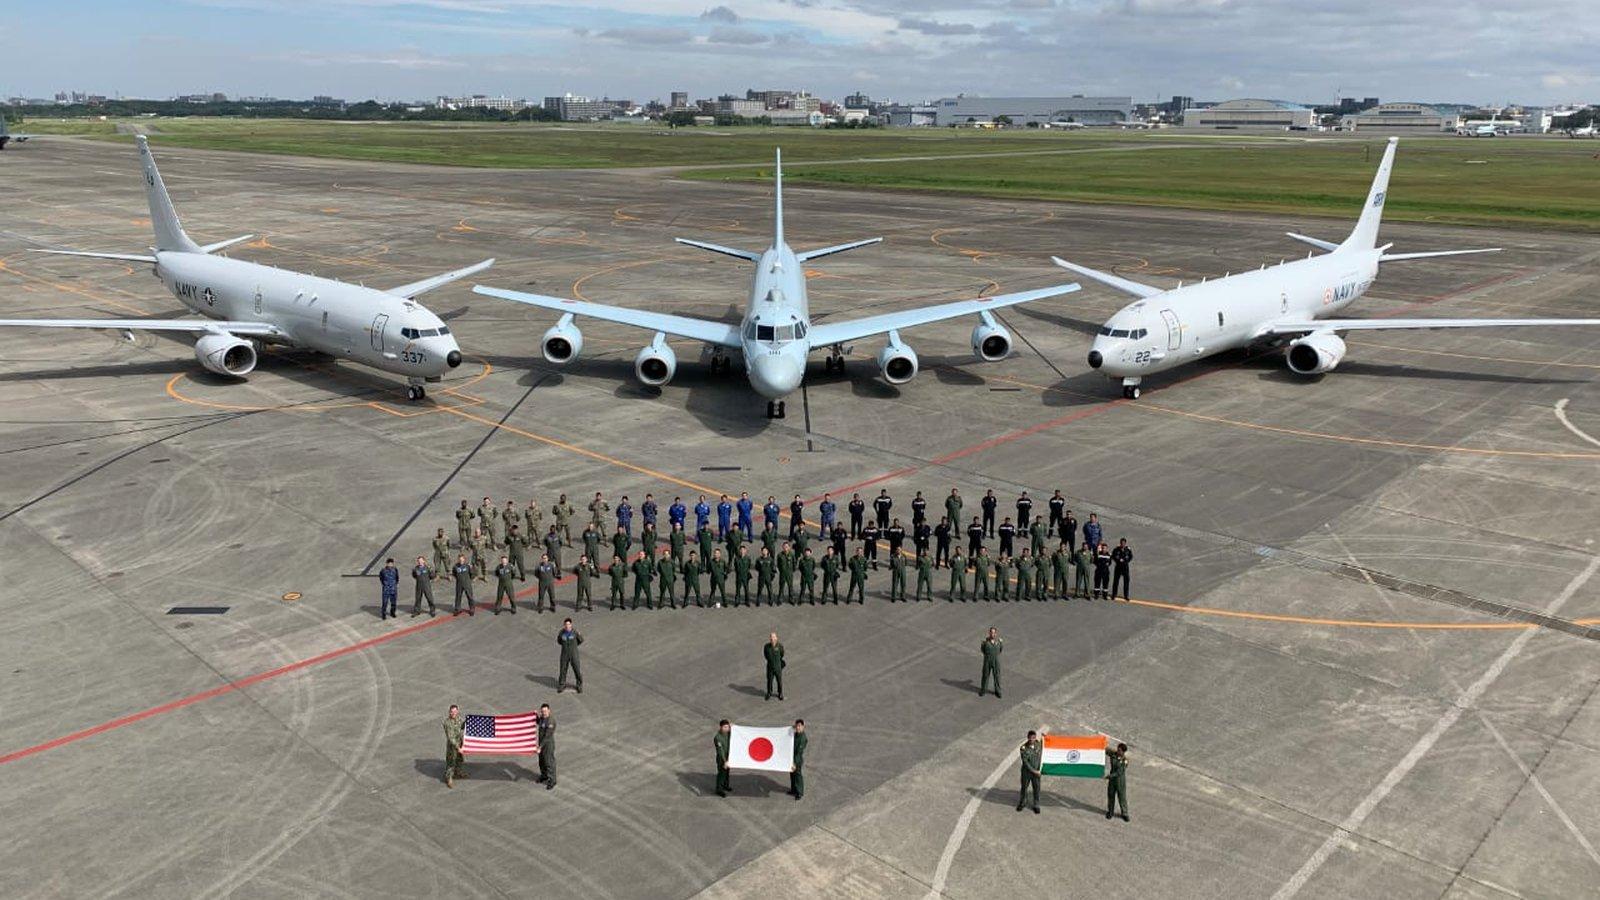 Malabar 2019 - India USA Japan Naval Exercise - P-8 Maritime Aircraft - 01